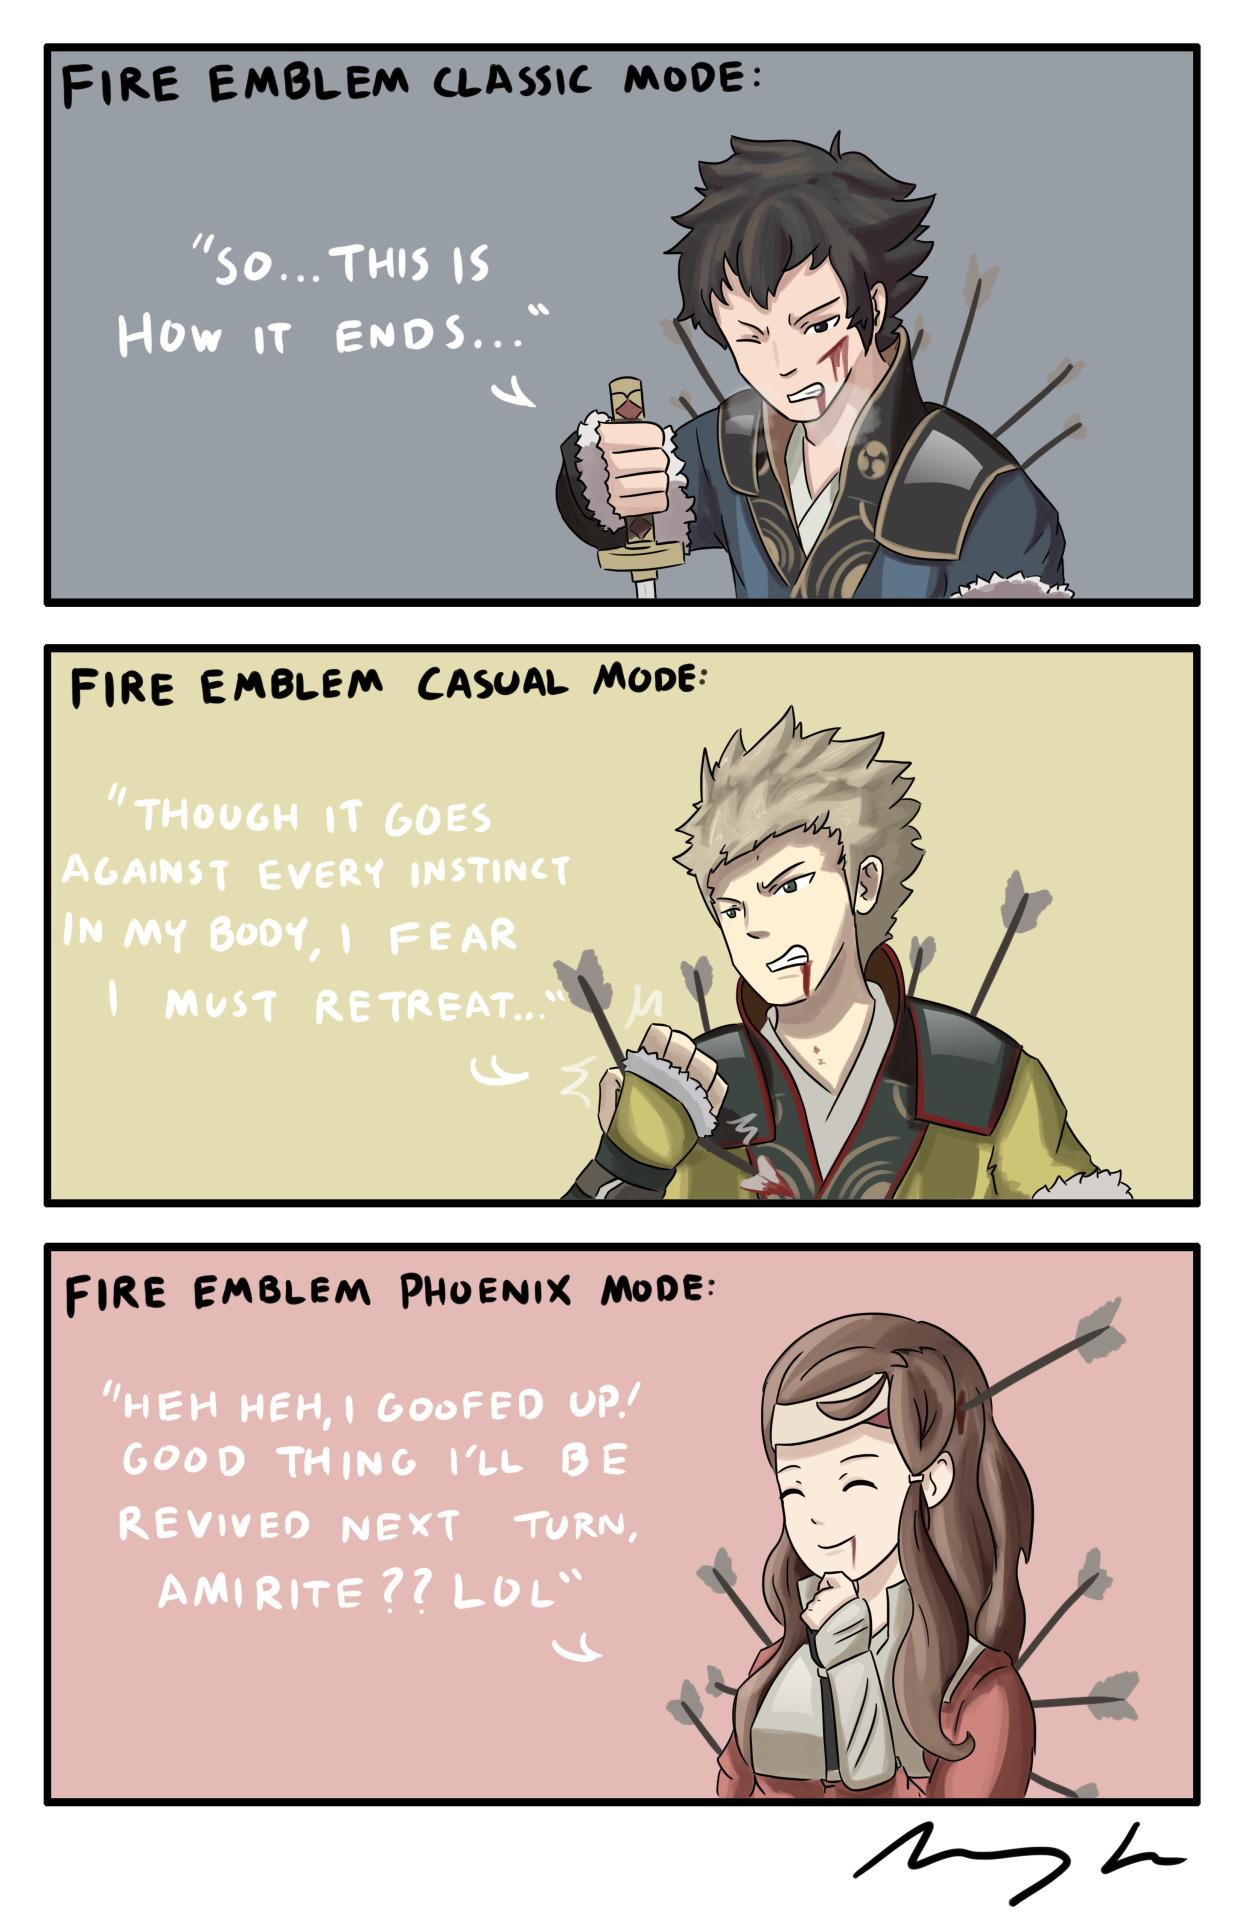 825 fates in a nutshell fireemblem,Fire Emblem Fates Memes